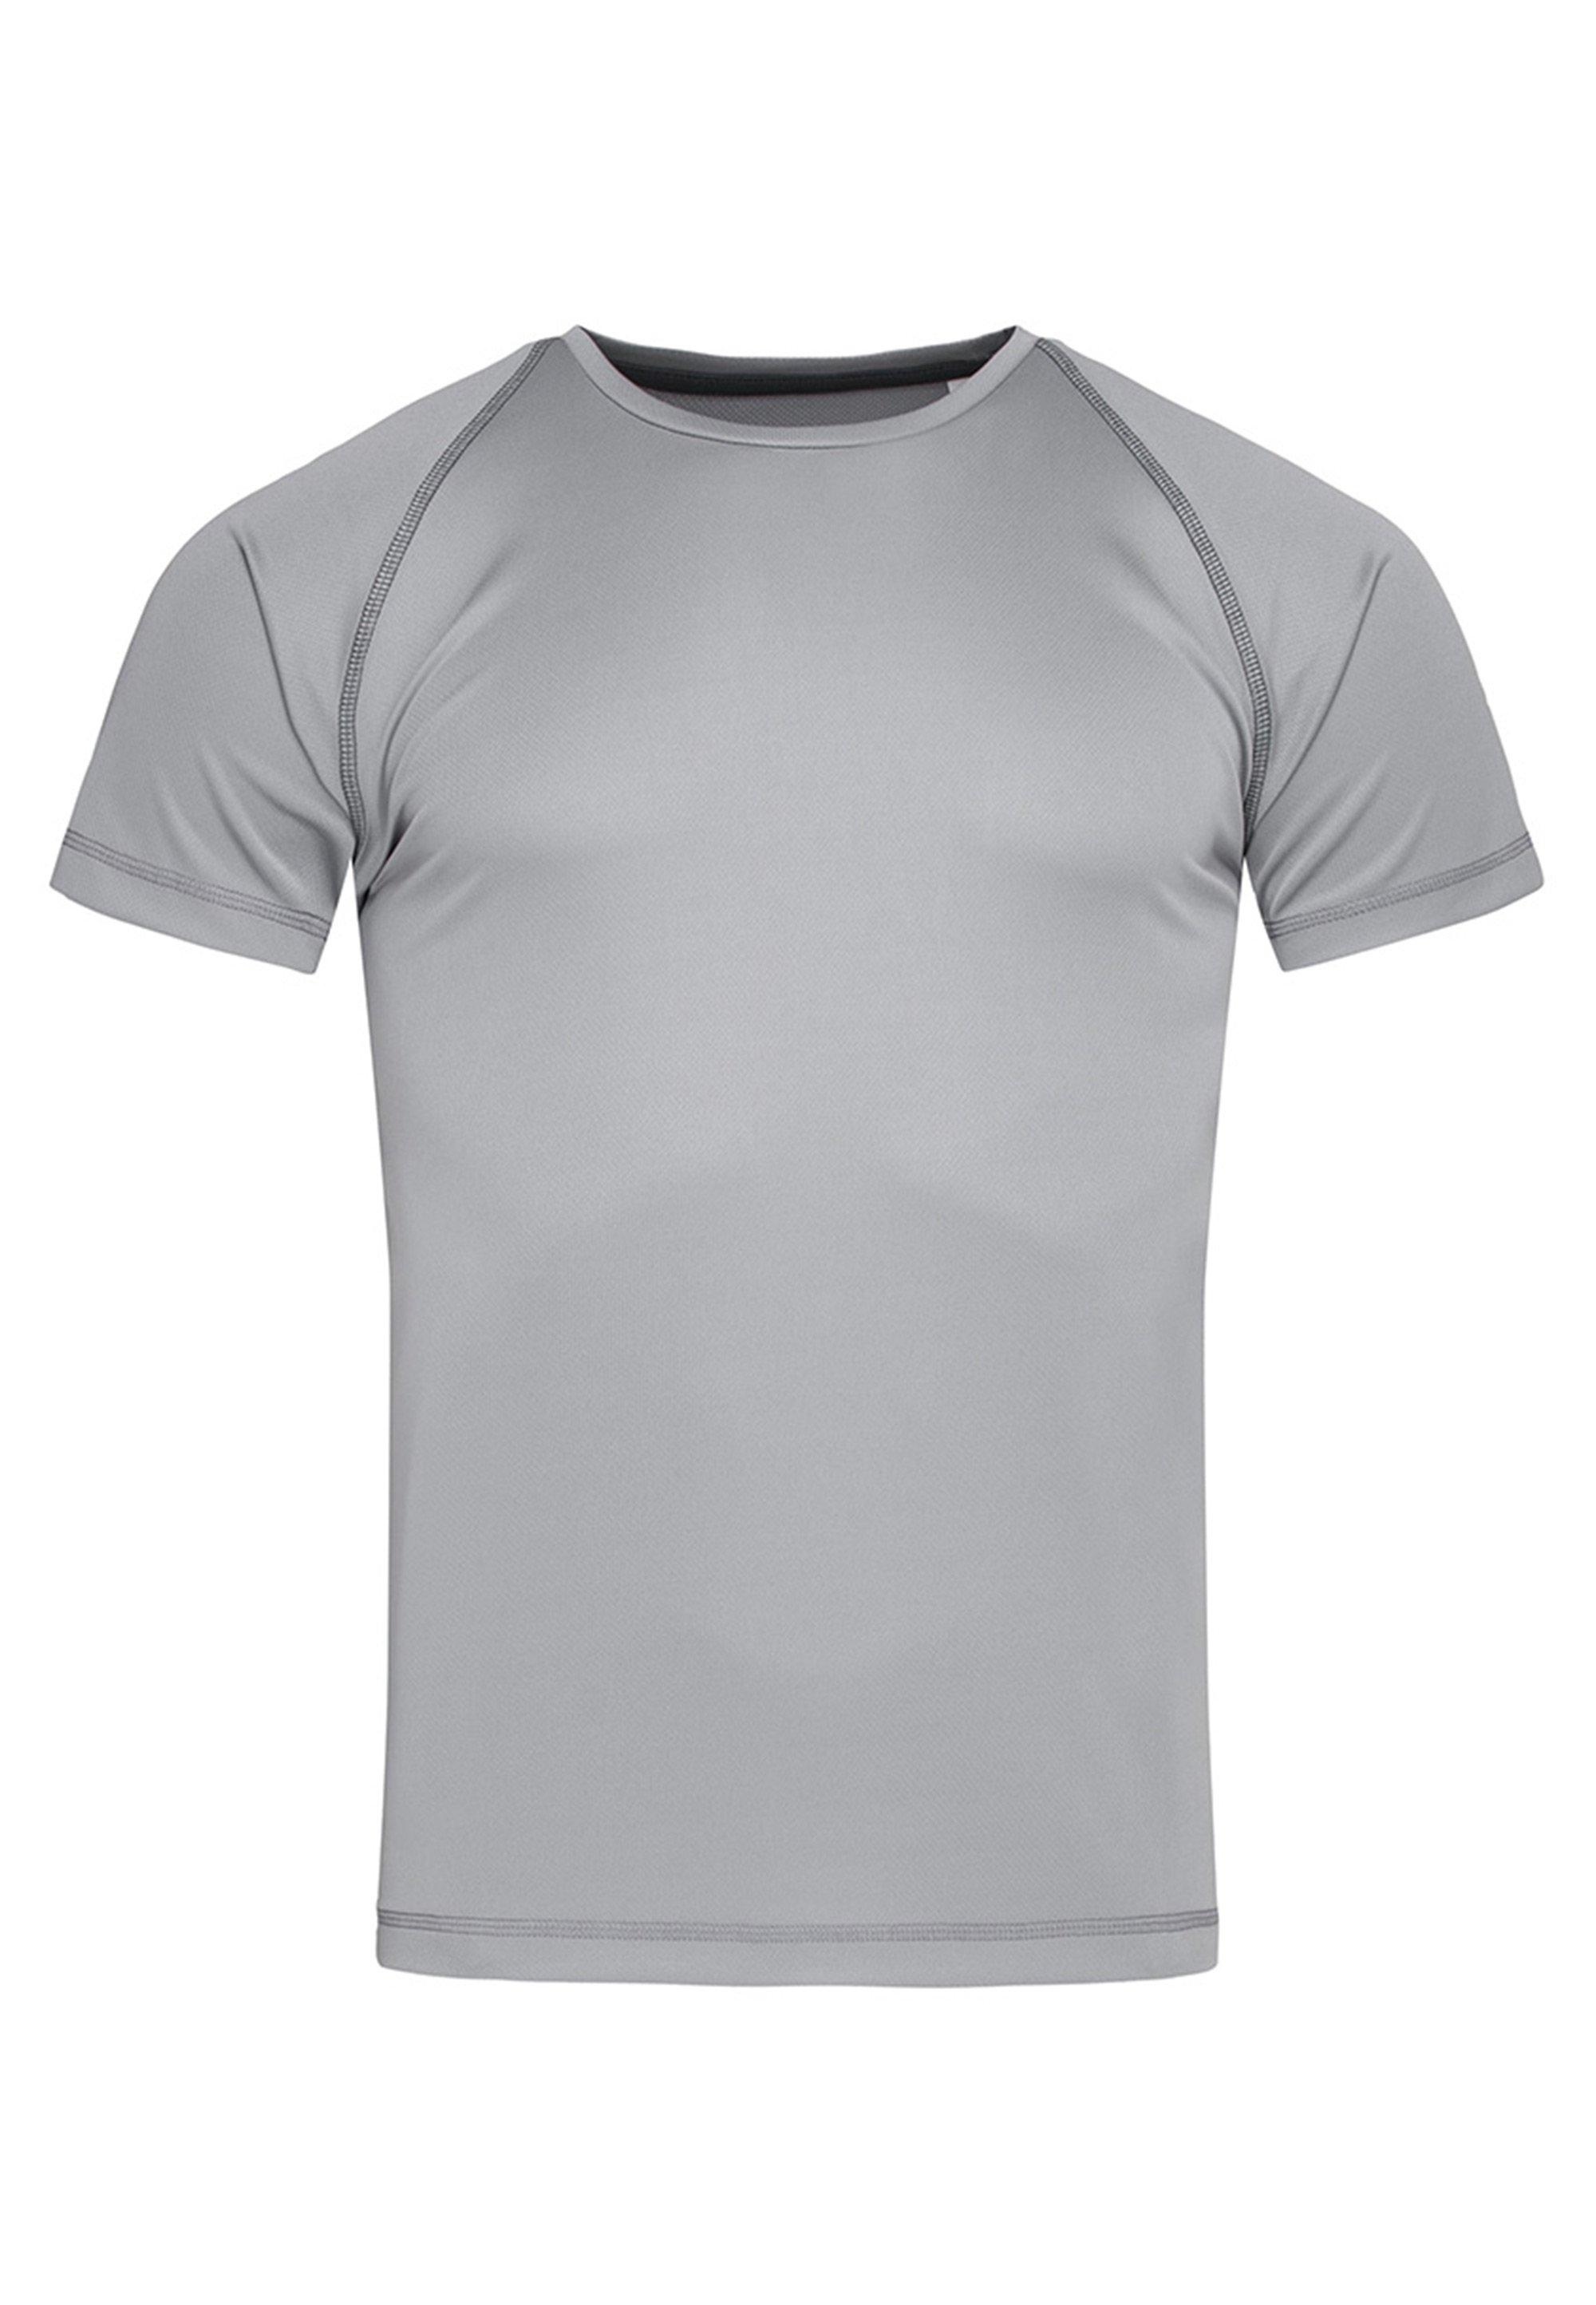 Stedman T-shirt goedkoop op otto.nl kopen